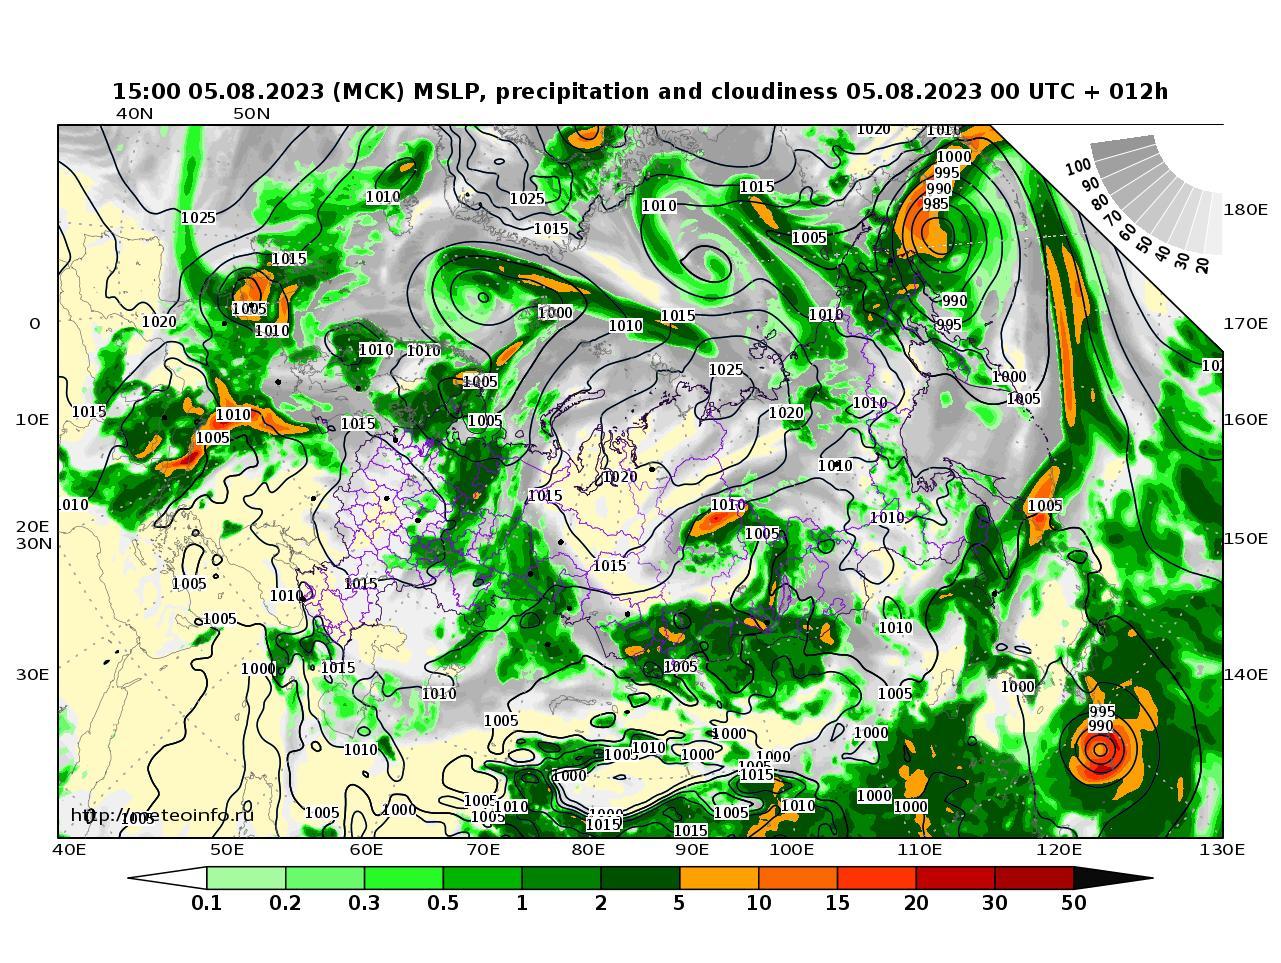 Россия, прогностическая карта осадки и давление, заблаговременность прогноза 12 часов